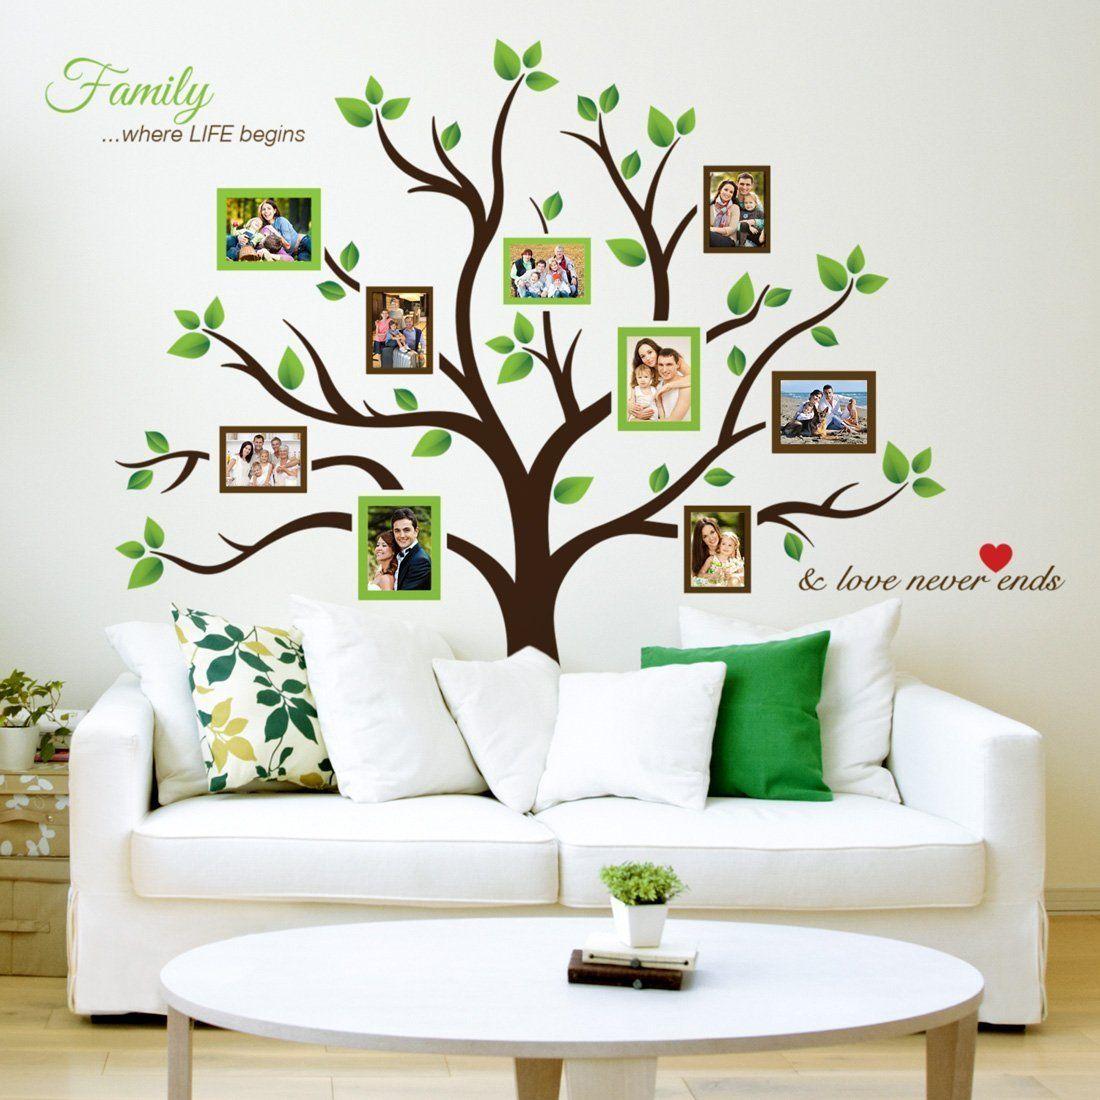 Sticker De árbol Genealógico Para Fotos In 2019